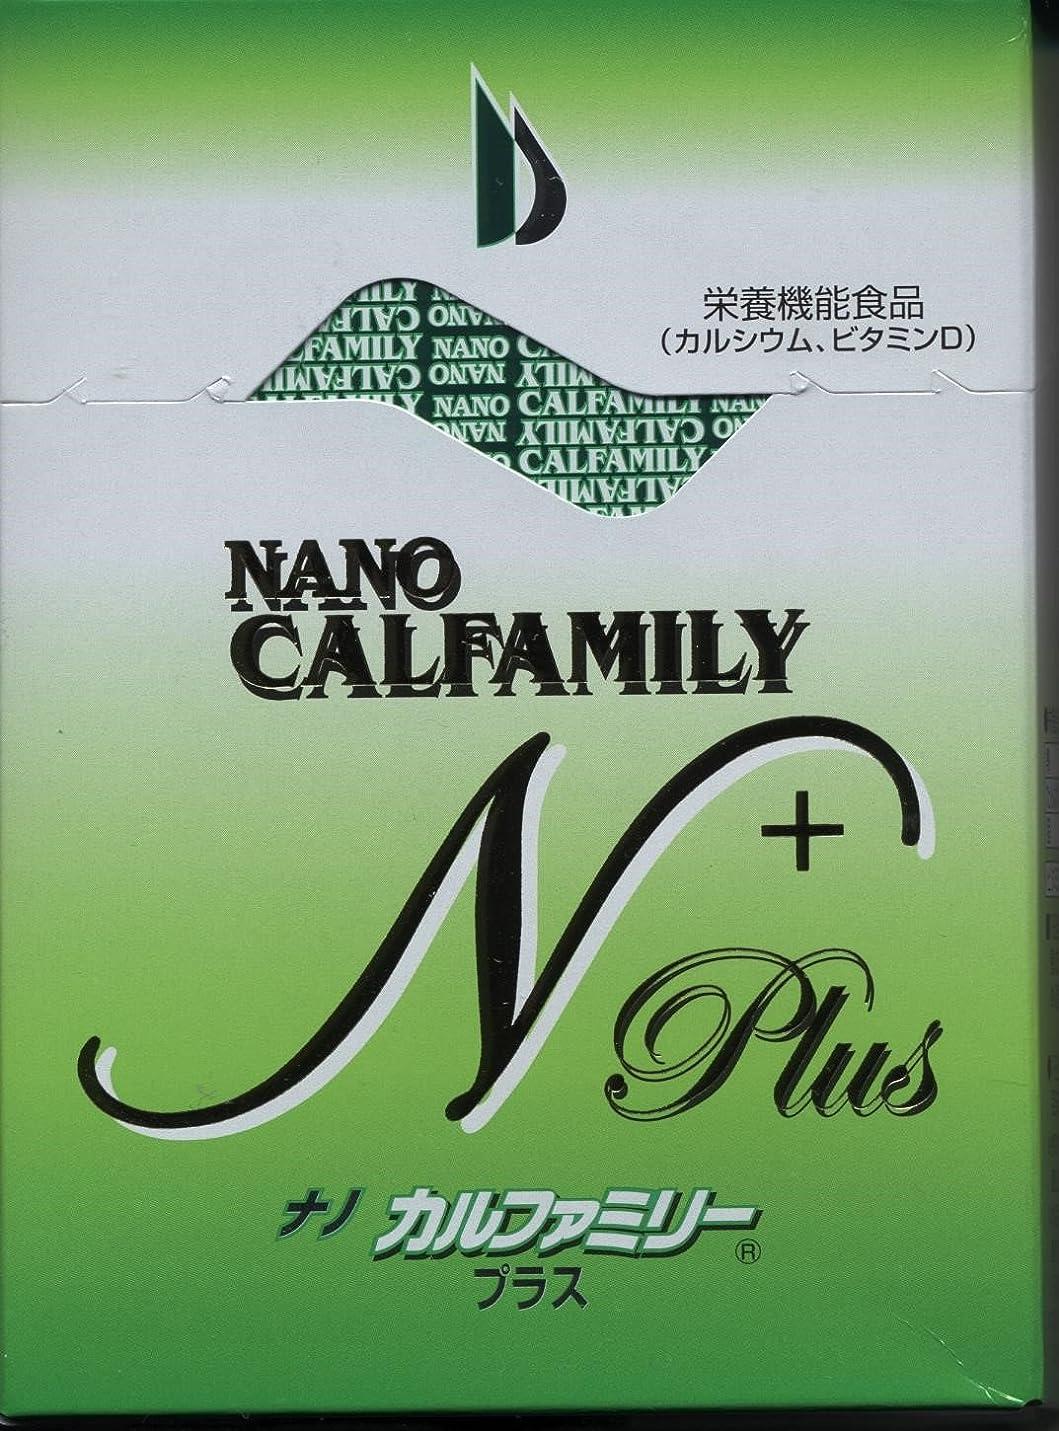 構成ソーセージ逃すナノ カルファミリー プラス 30包 レモン味